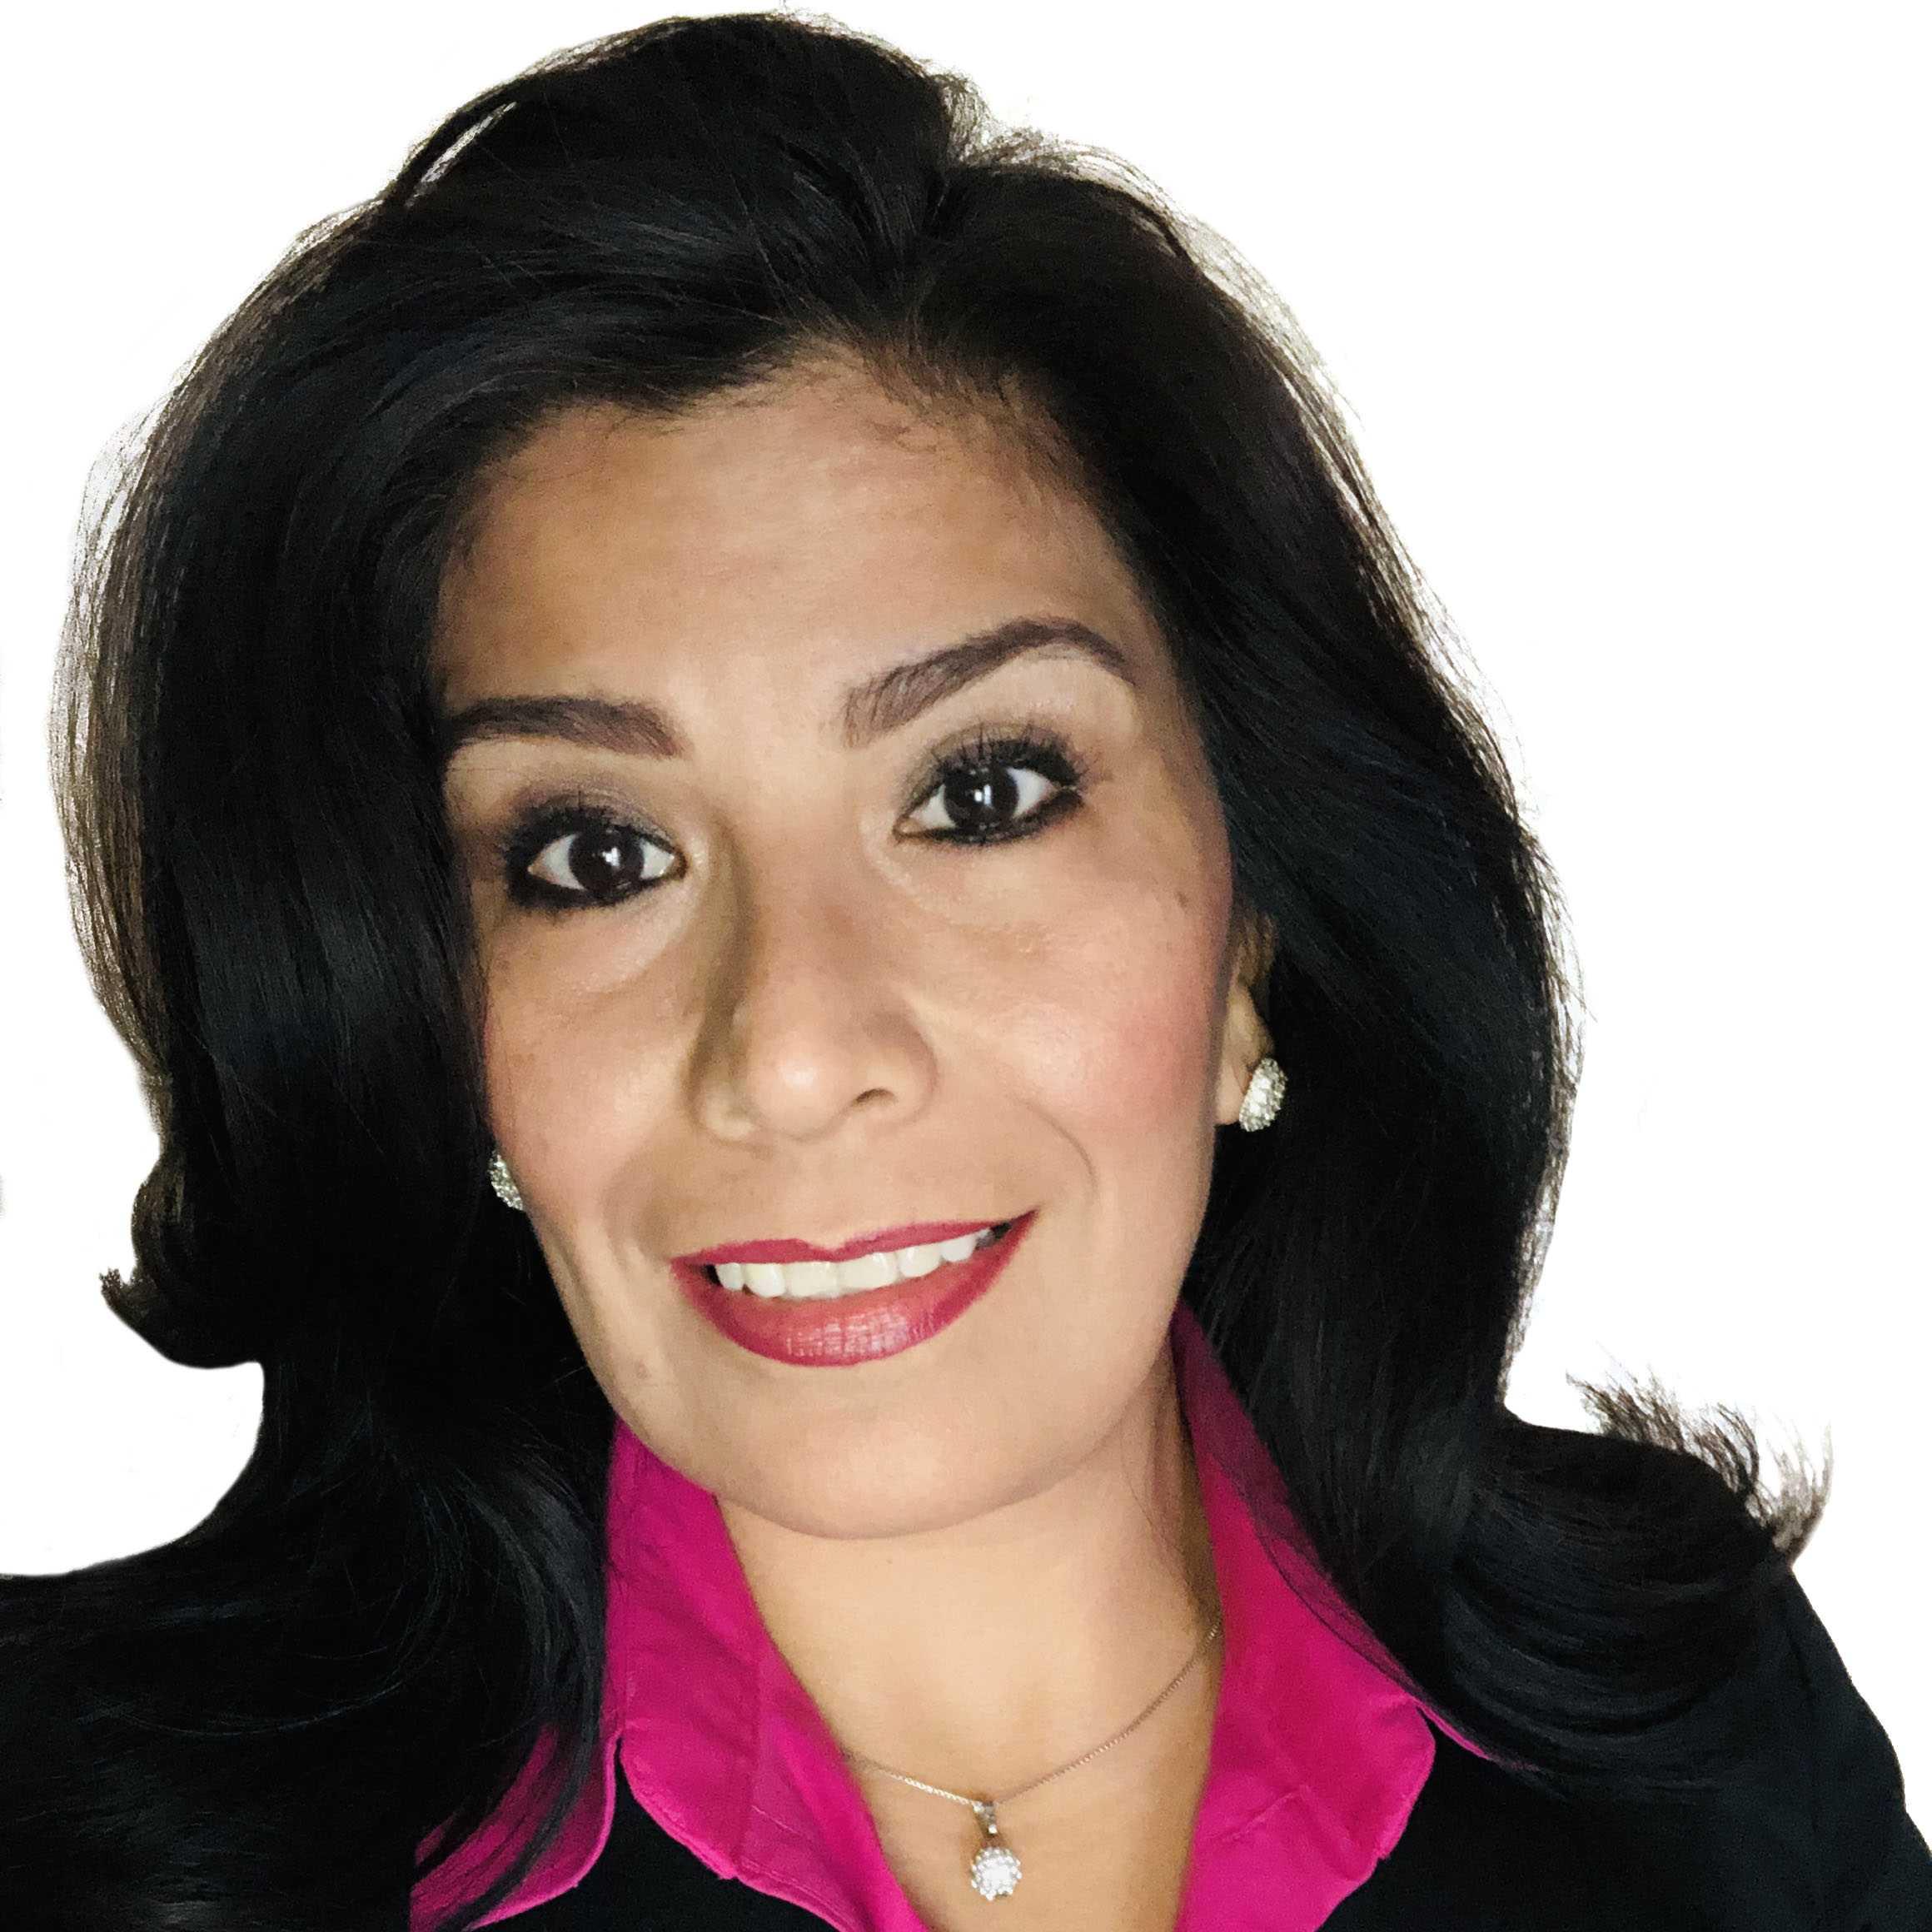 Maria Lara